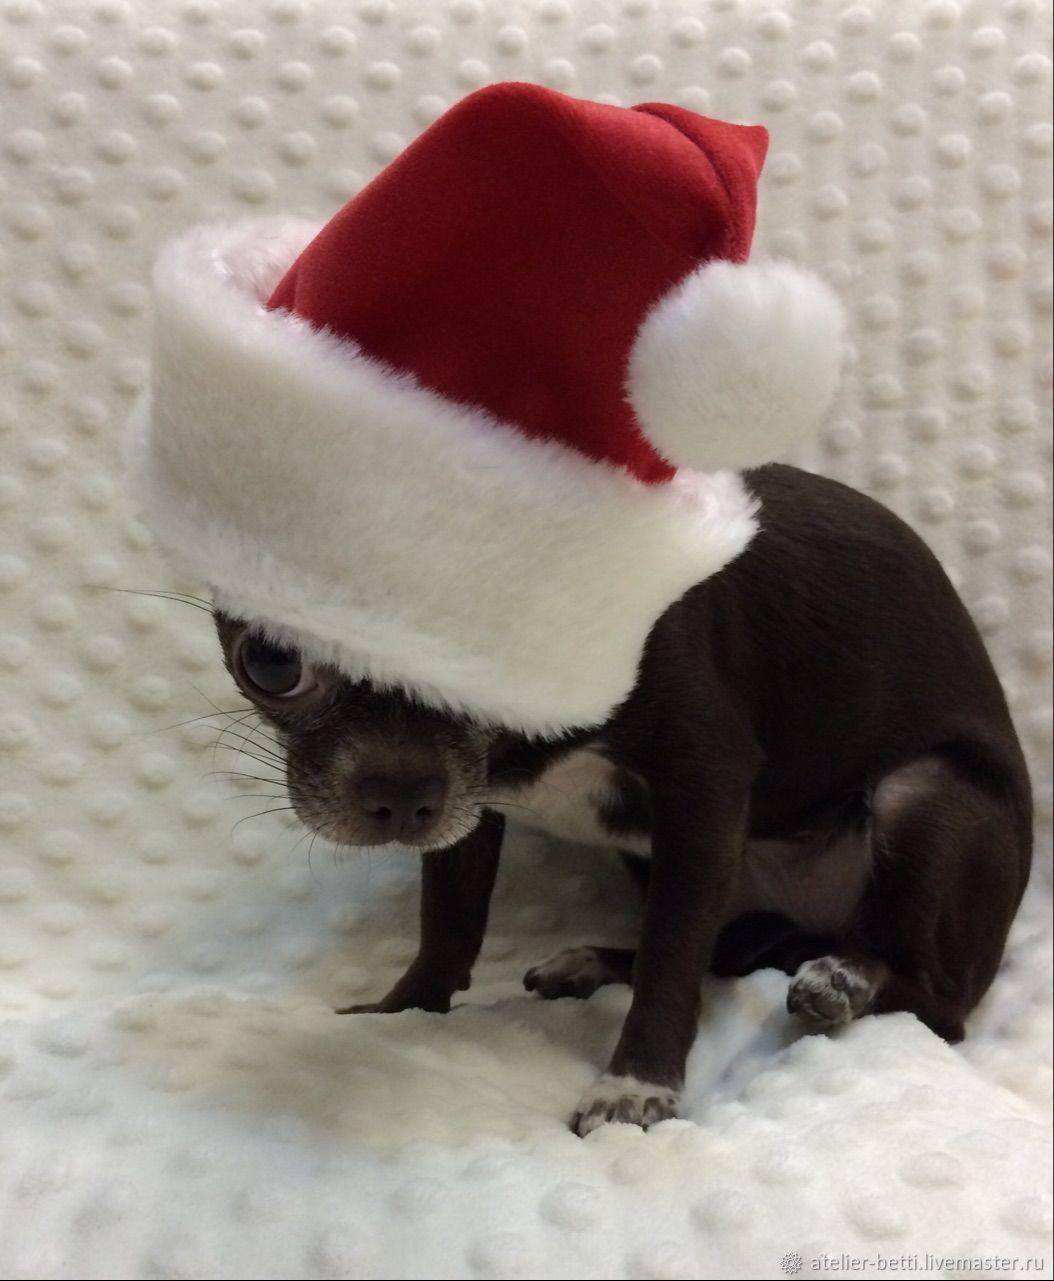 Одежда для питомцев: Шапка Деда Мороза, Одежда для собак, Санкт-Петербург, Фото №1